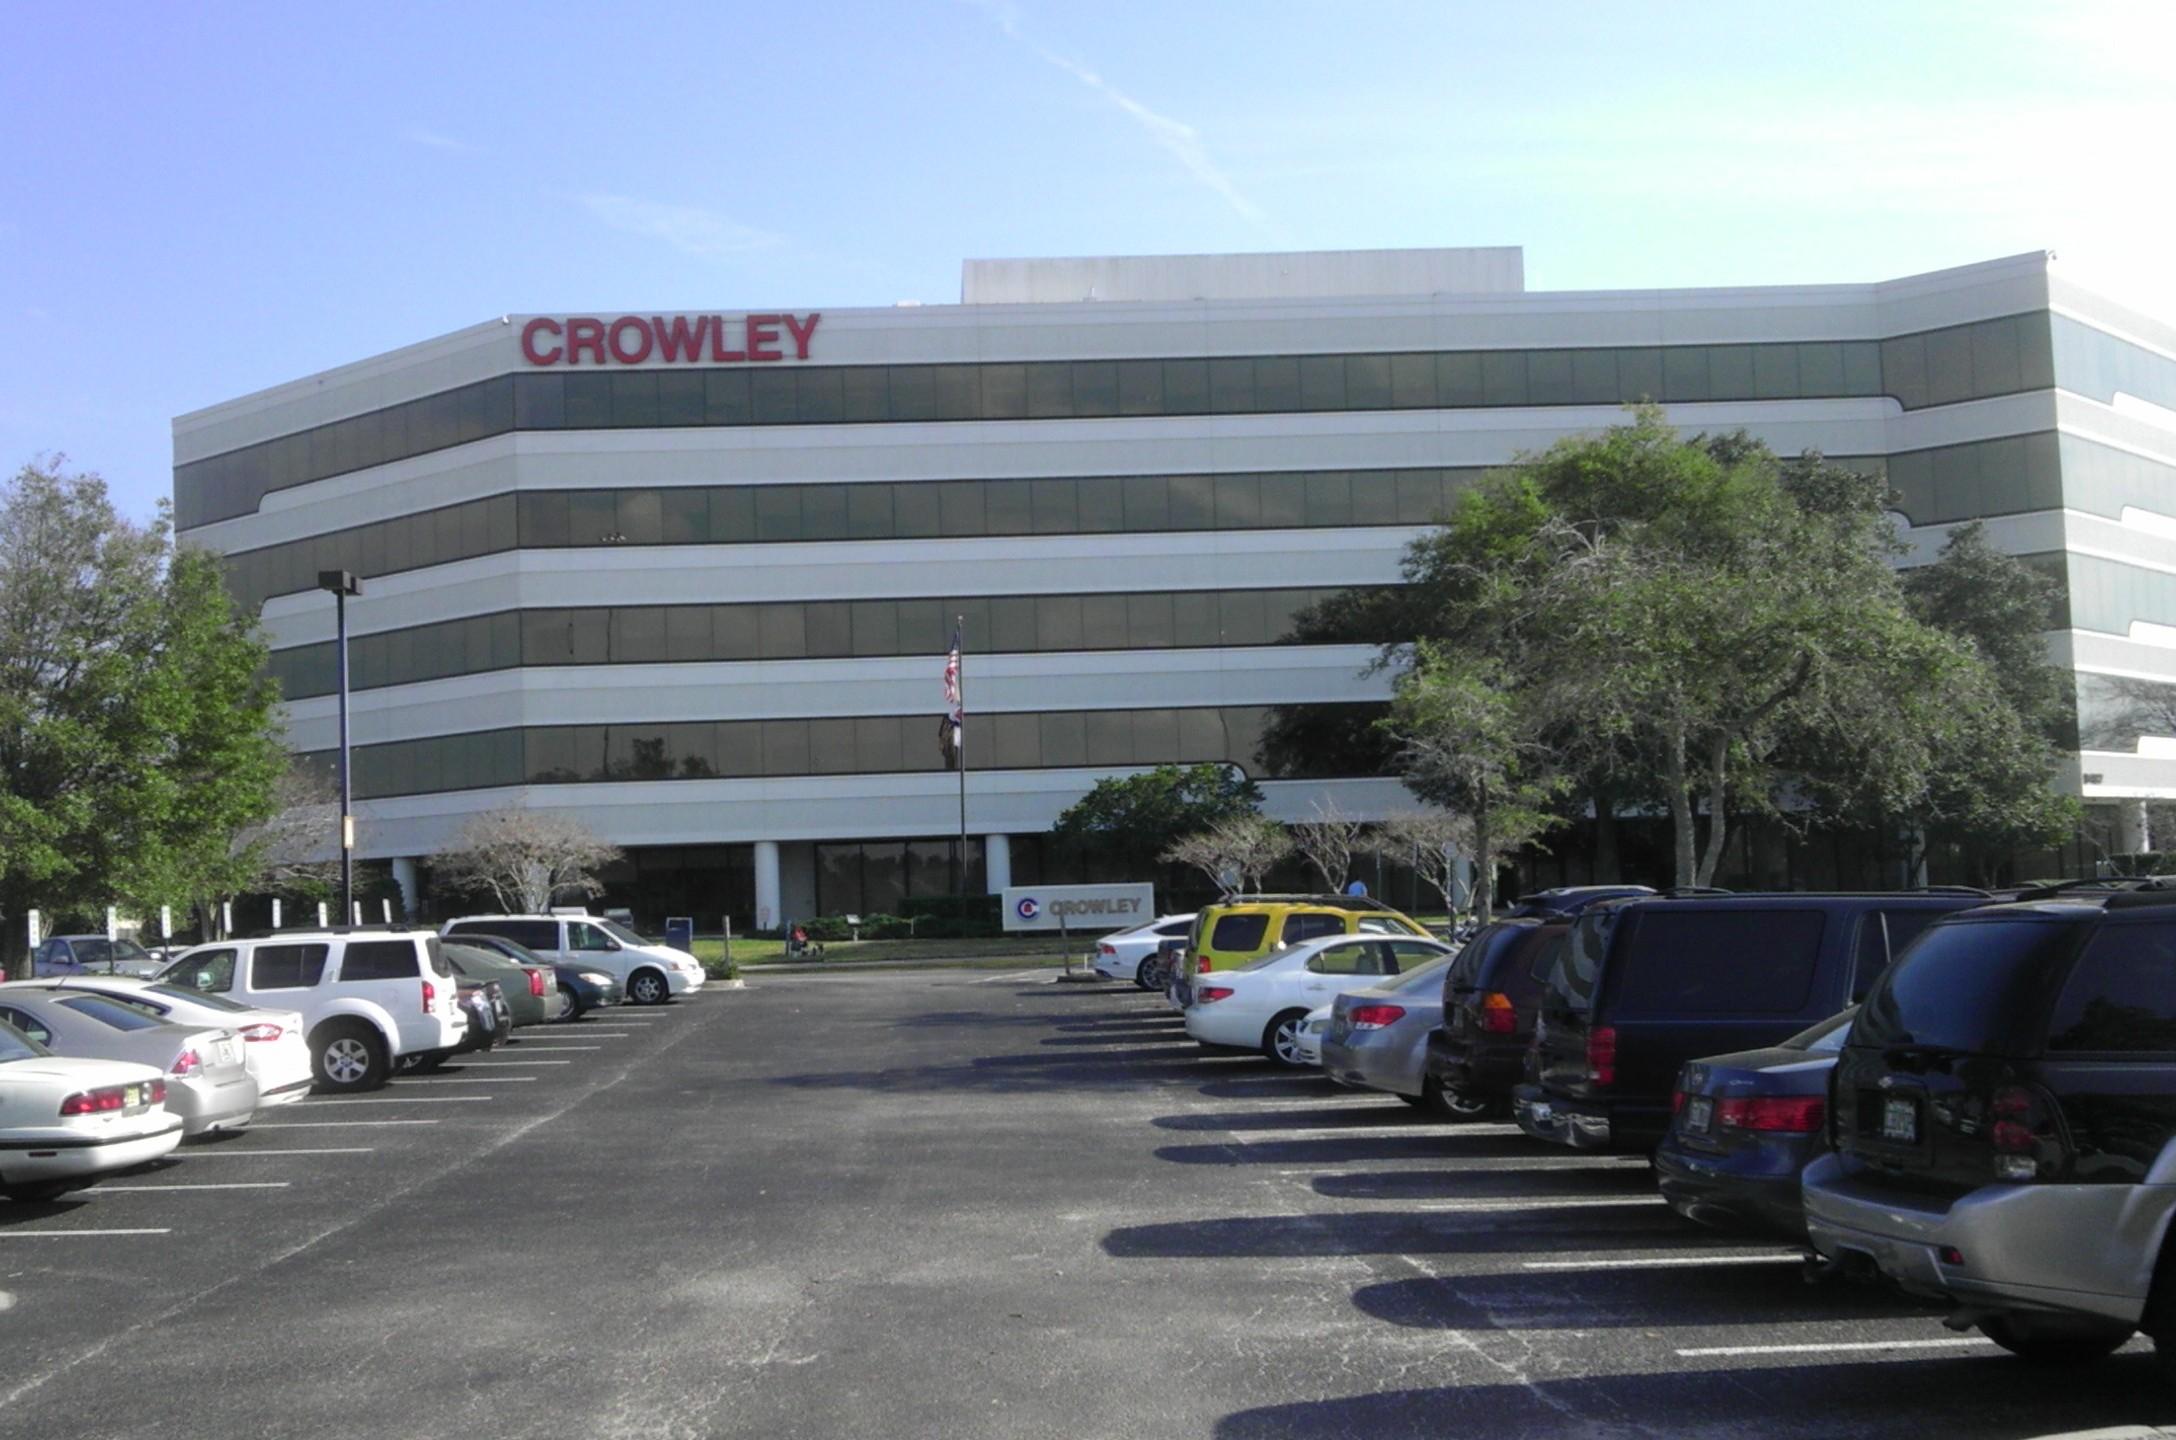 Crowley Marine